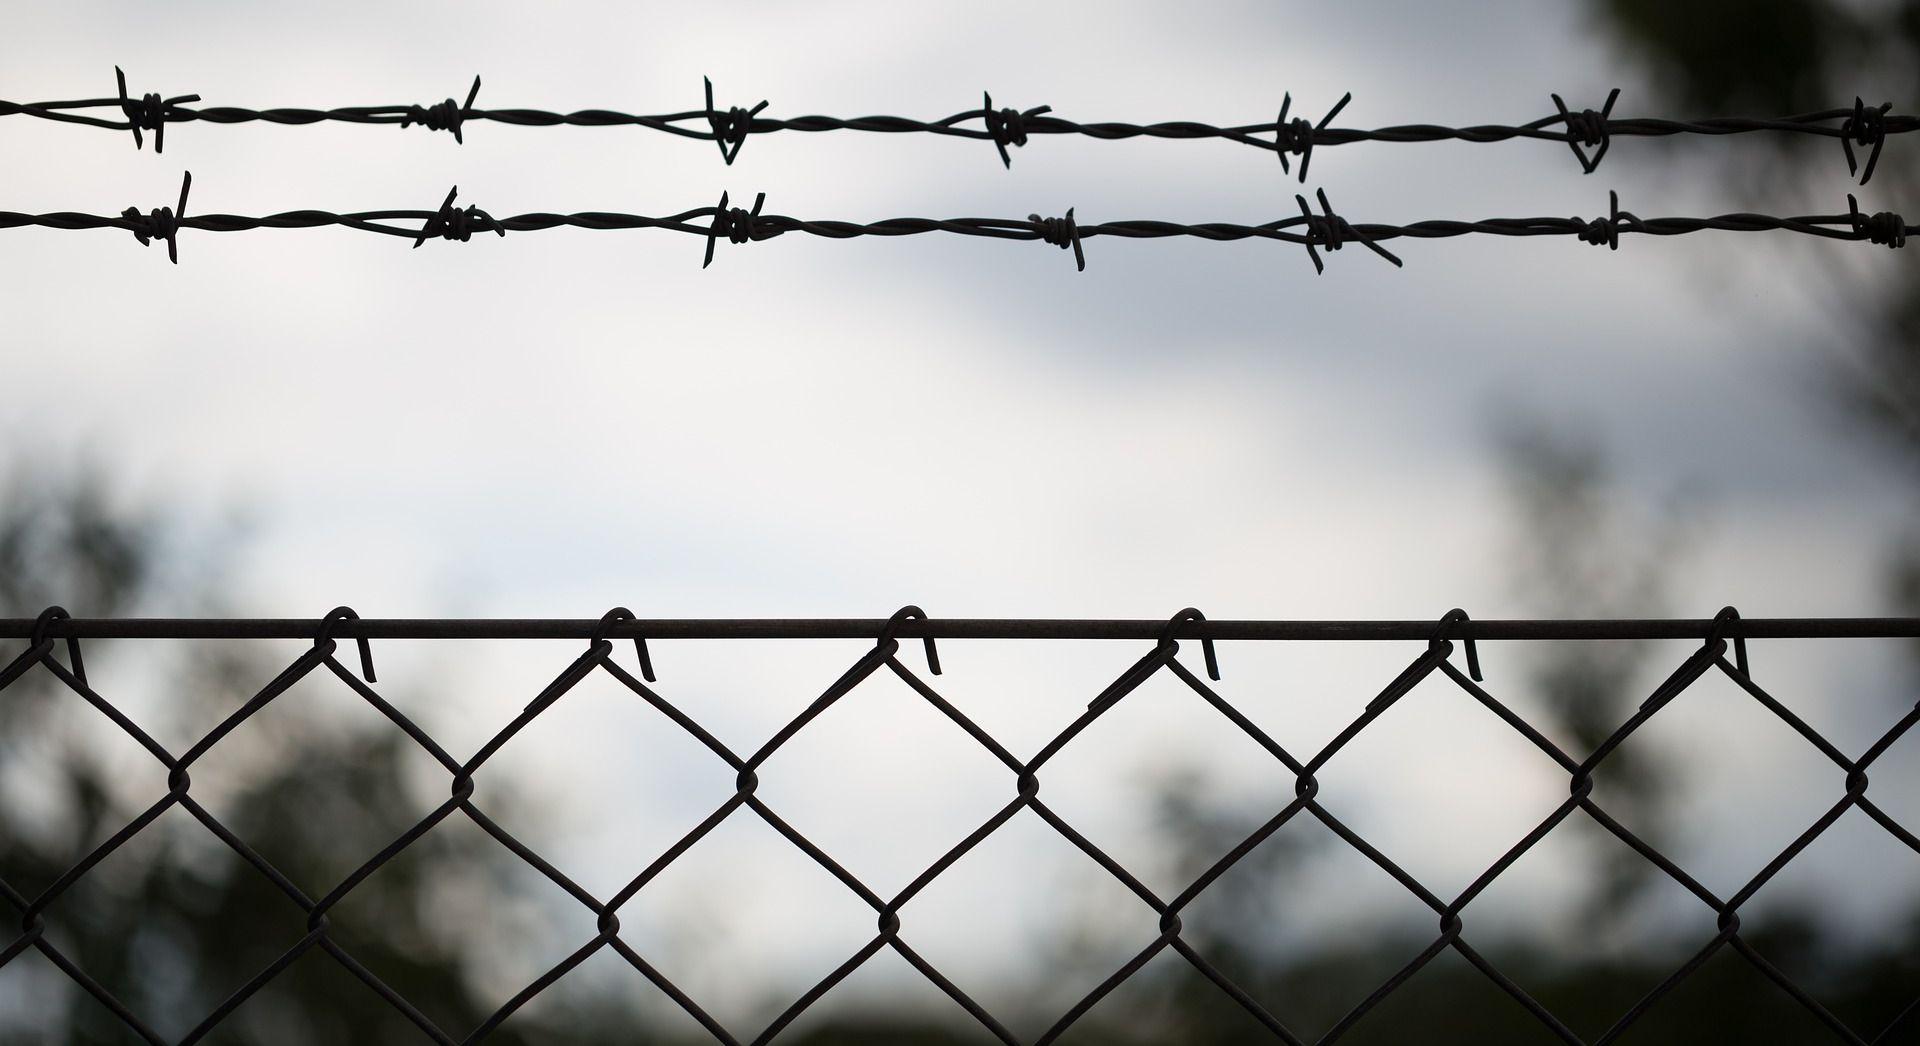 """Litva će sagraditi ogradu na granici s Rusijom: """"Neće zaustaviti tenkove, ali će se biti teško popeti preko nje"""""""